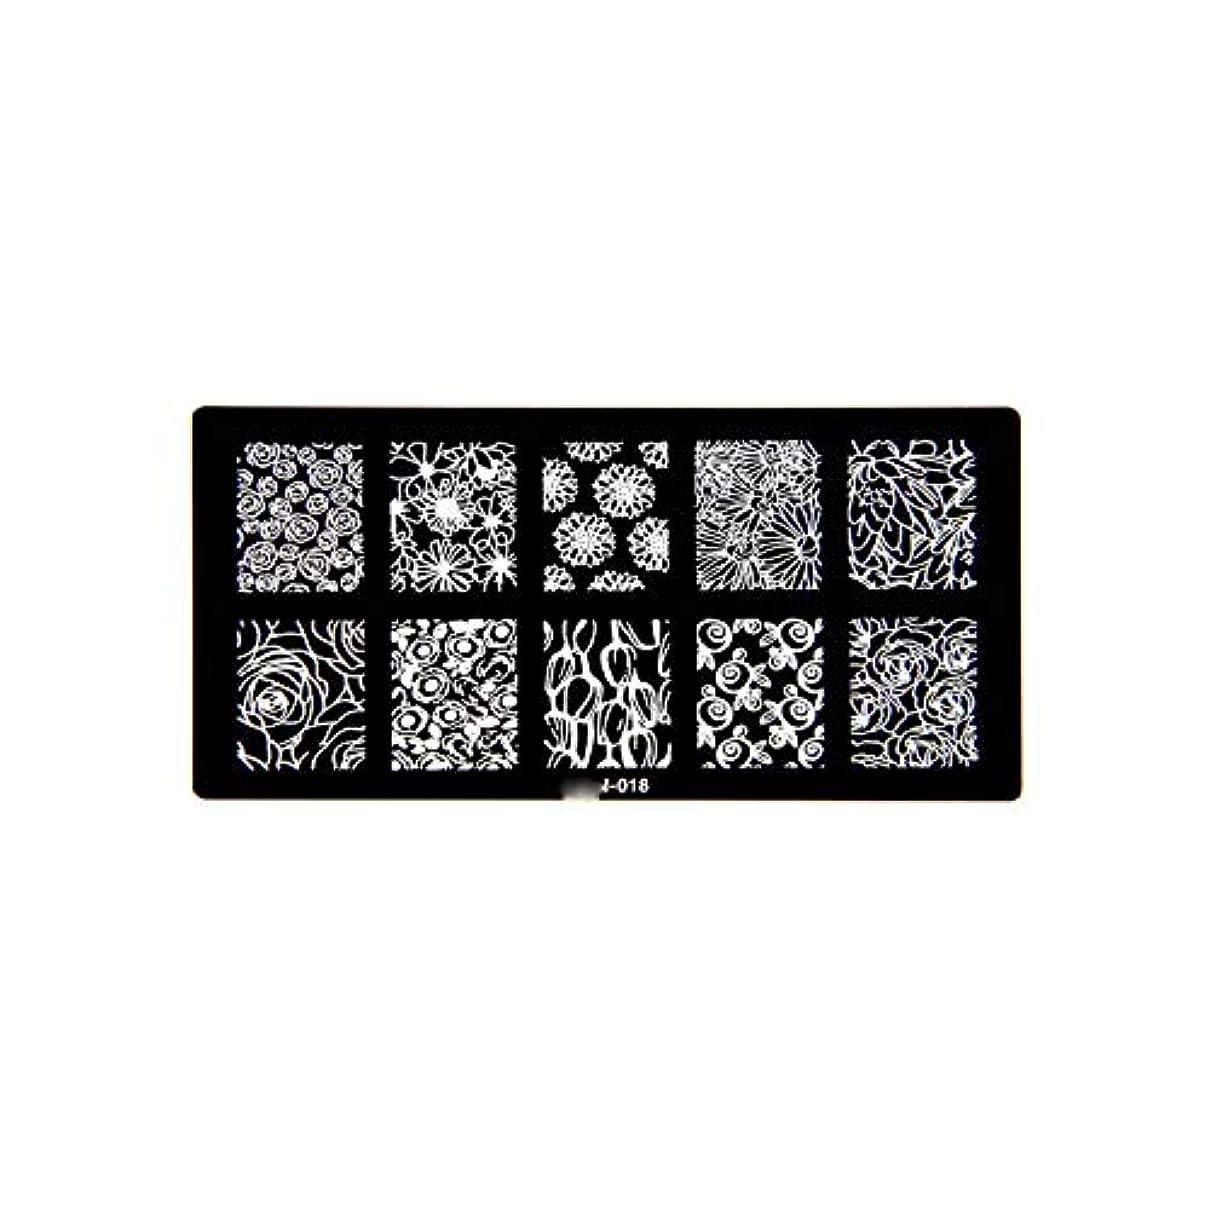 ポケットする四回1ピース6 * 12センチbcnシリーズネイルスタンピングプレート画像ネイルステンシル用ネイルアートスタンプマニキュアテンプレートツール,BCN018